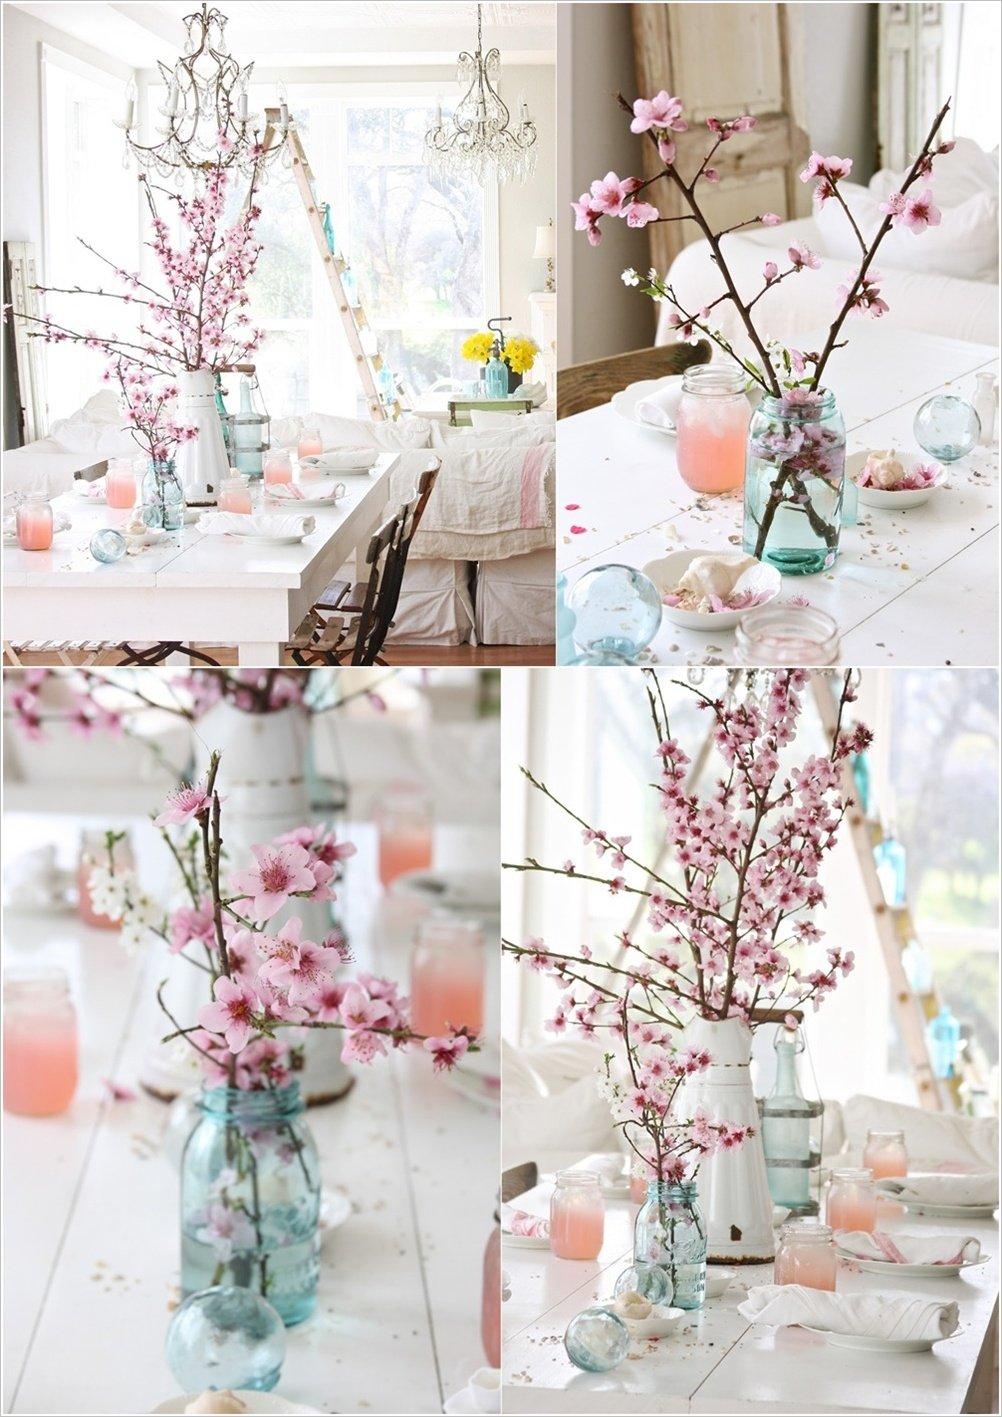 Tavaszi Dekorci Cseresznyevirgzs Otthon